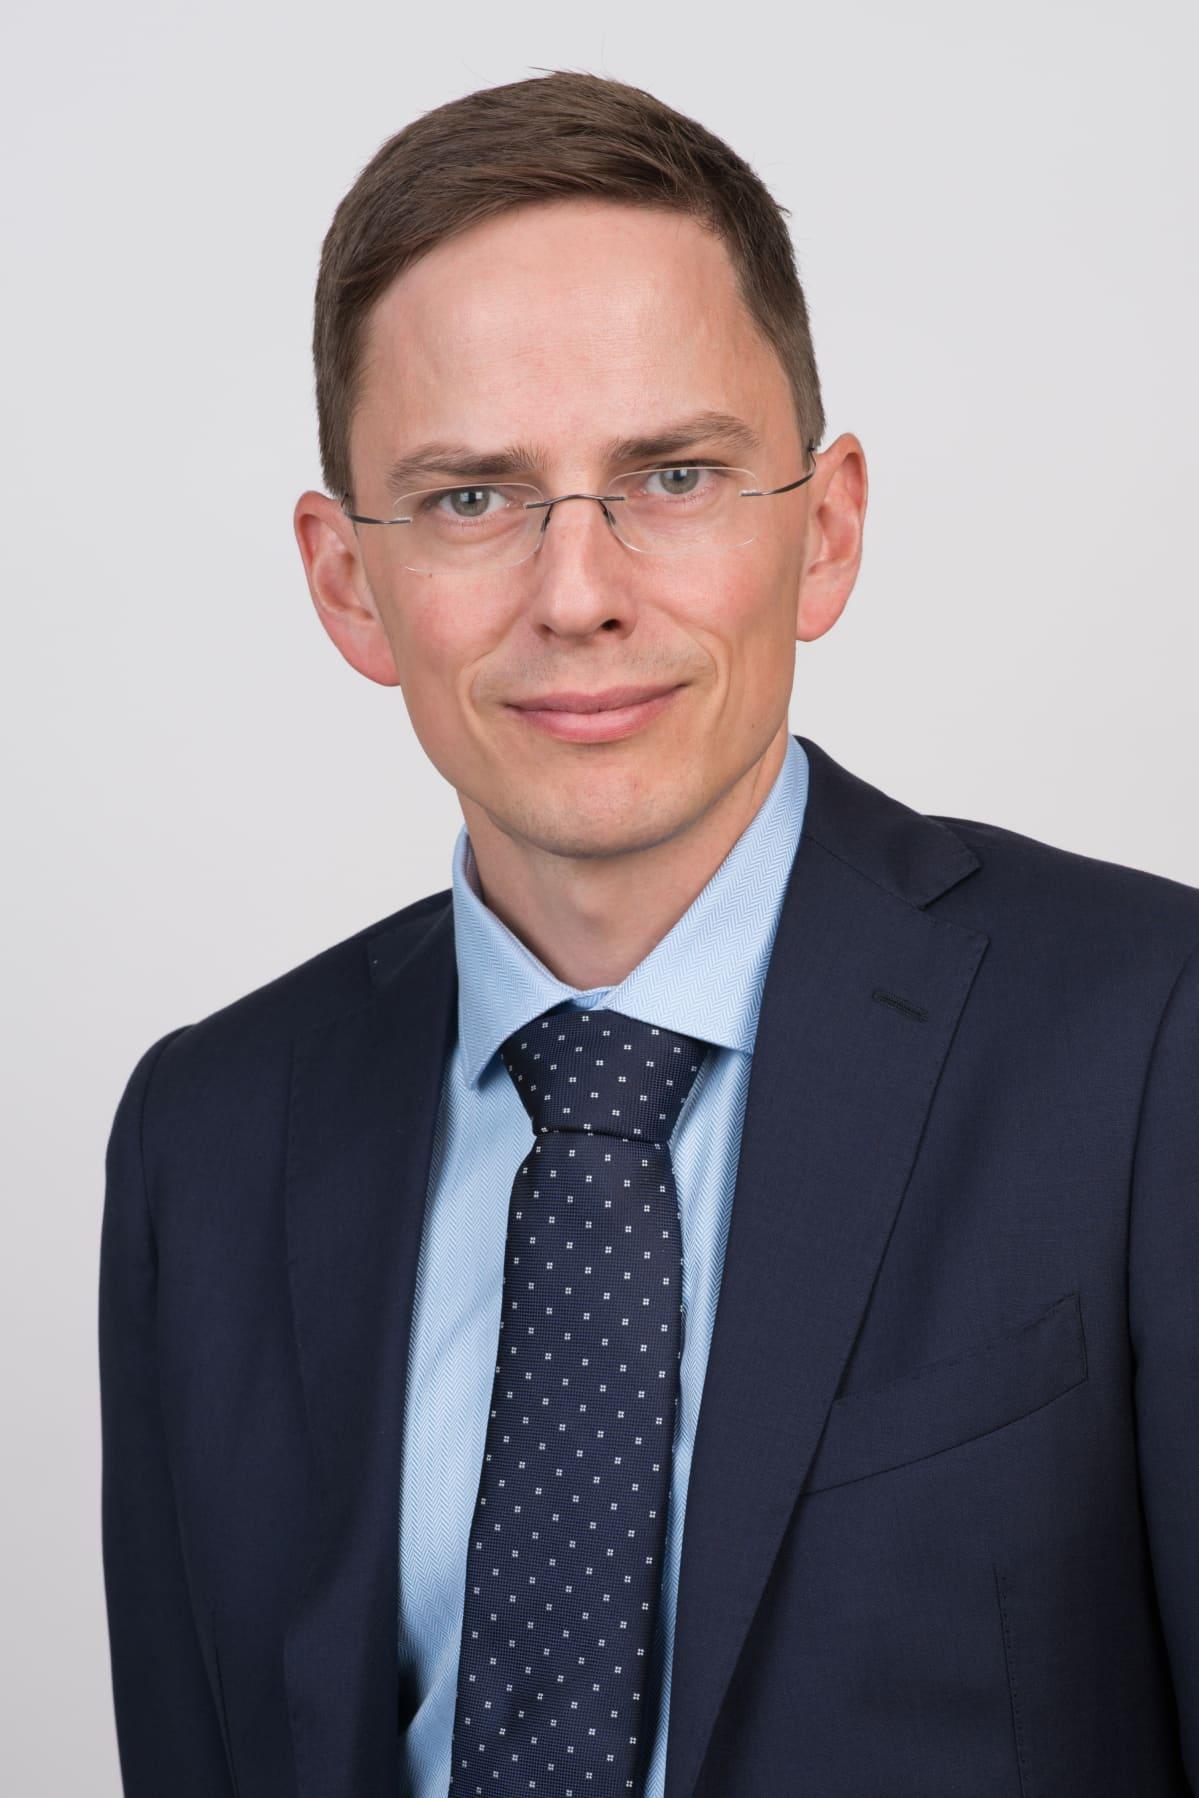 Elinkeinoelämän tutkimuslaitoksen tutkimuspäällikkö Antti Kauhanen